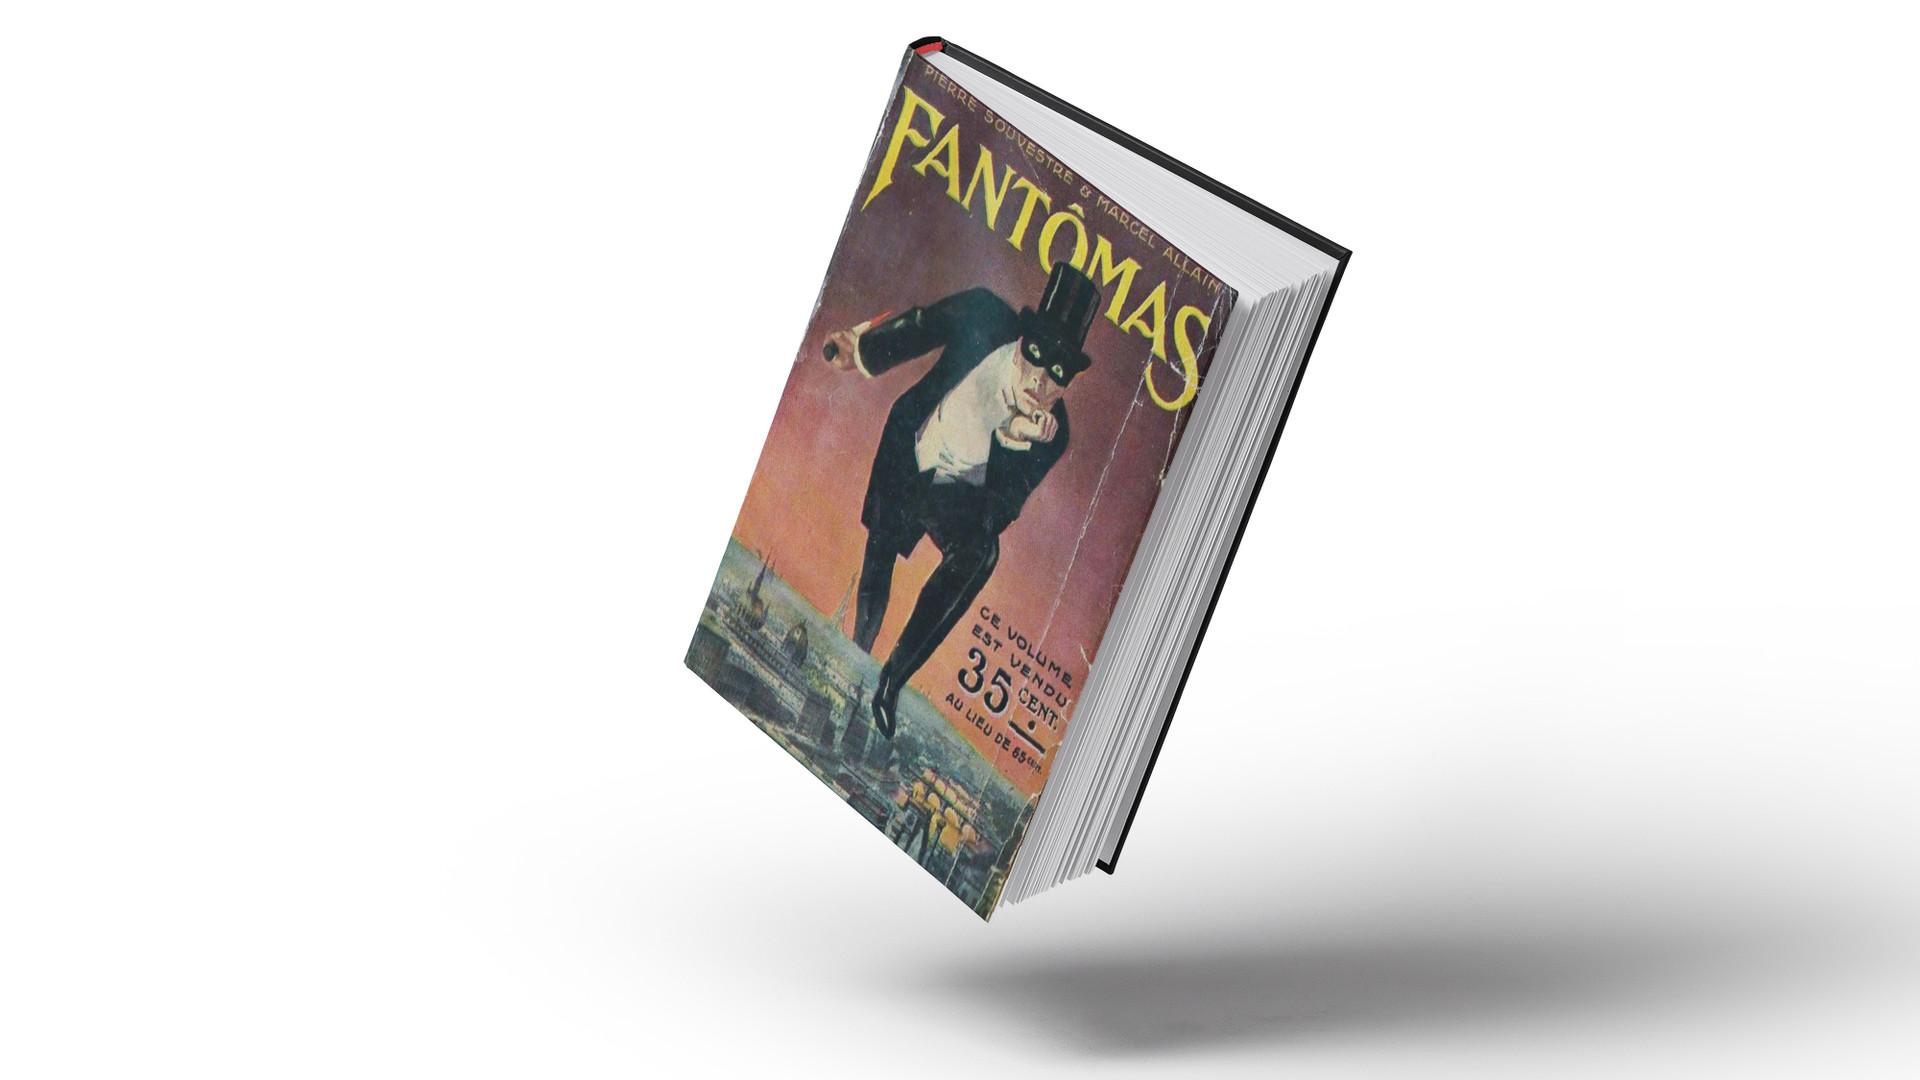 ファントマ第1巻(1911)の表紙。